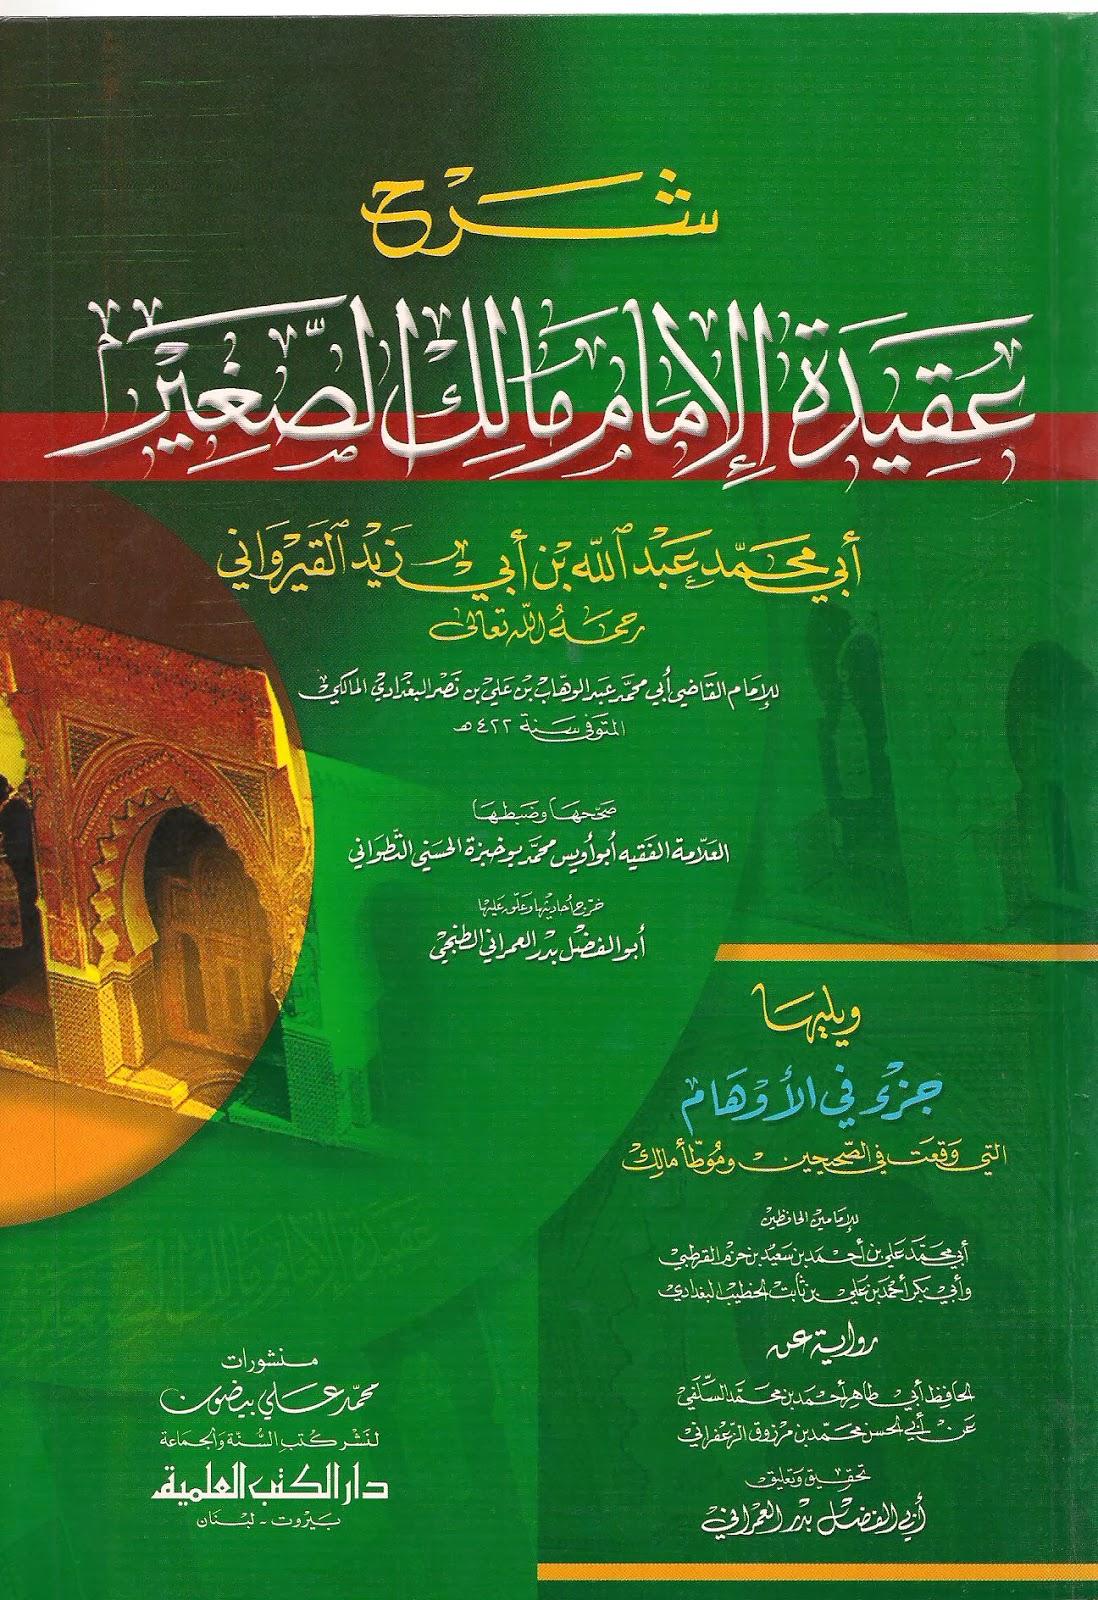 شرح عقيدة الإمام مالك الصغير للقاضي عبد الوهاب البغدادي المالكي - تحقيق محمد بو خبزة pdf